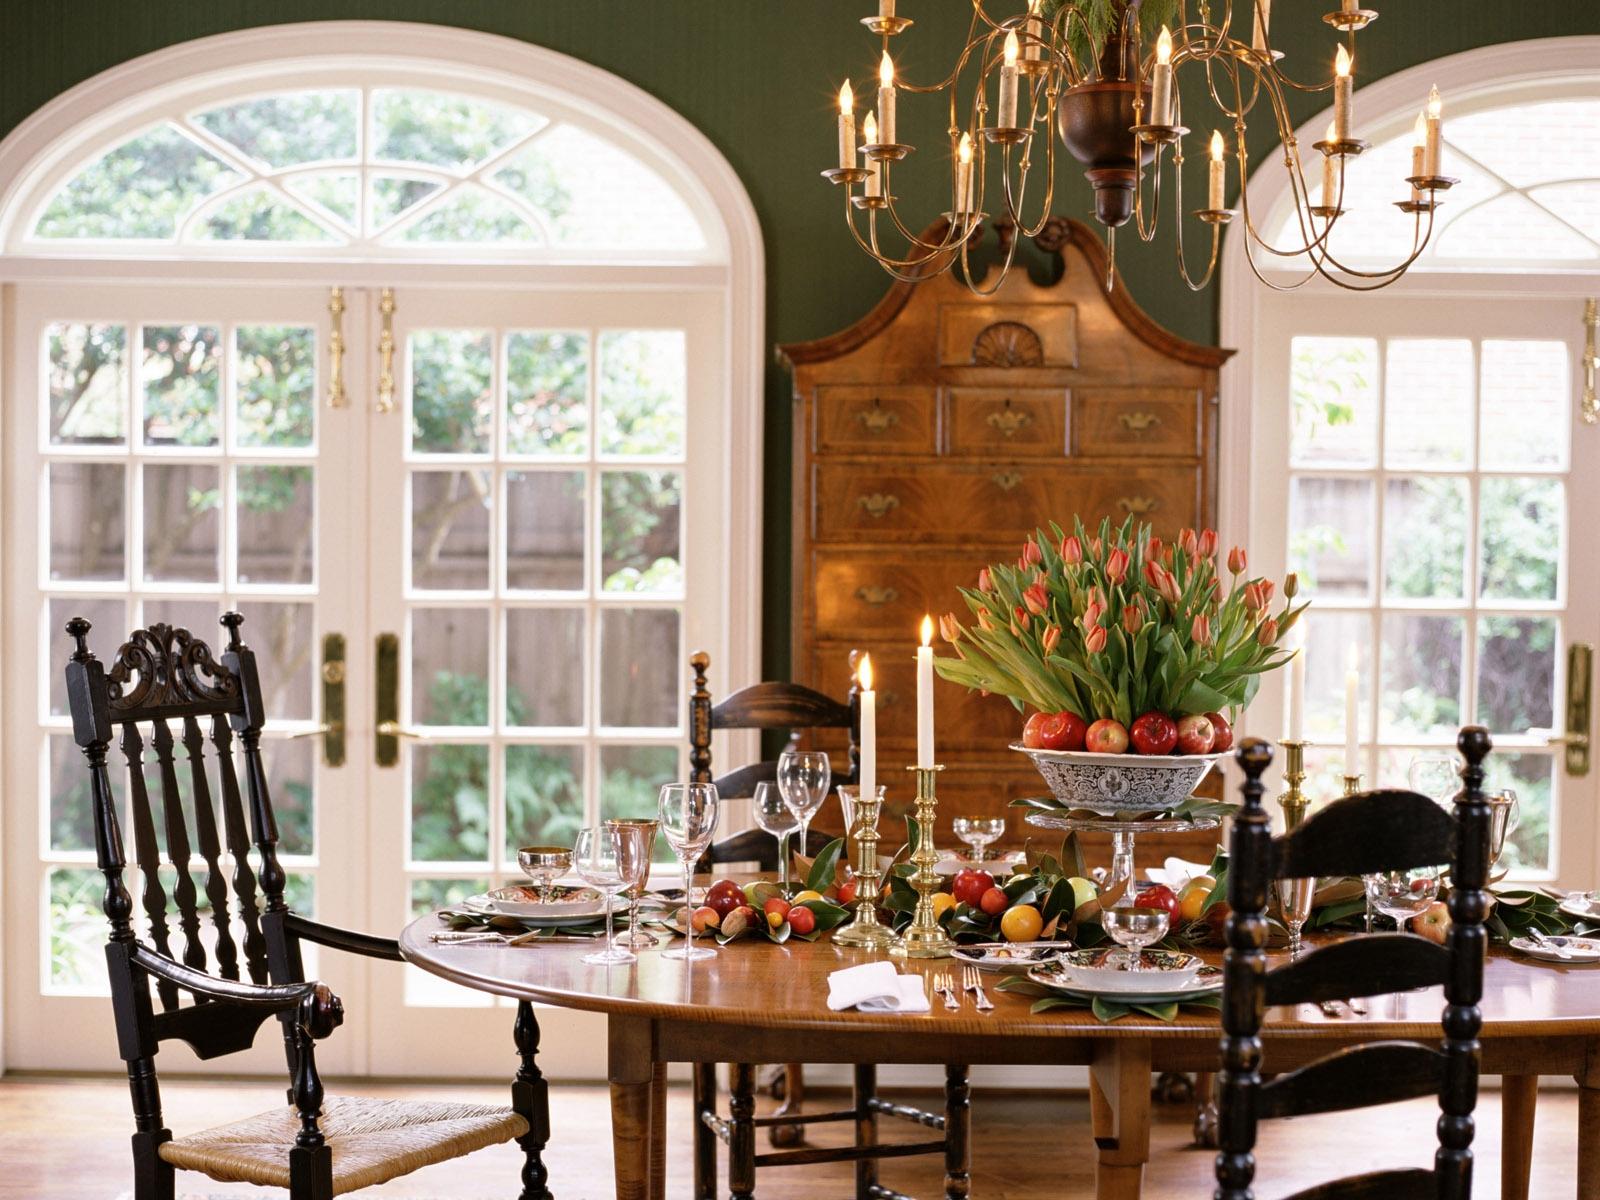 Veranda bauernhaus  Hintergrundbilder : Fenster, Zimmer, Tabelle, Küche ...